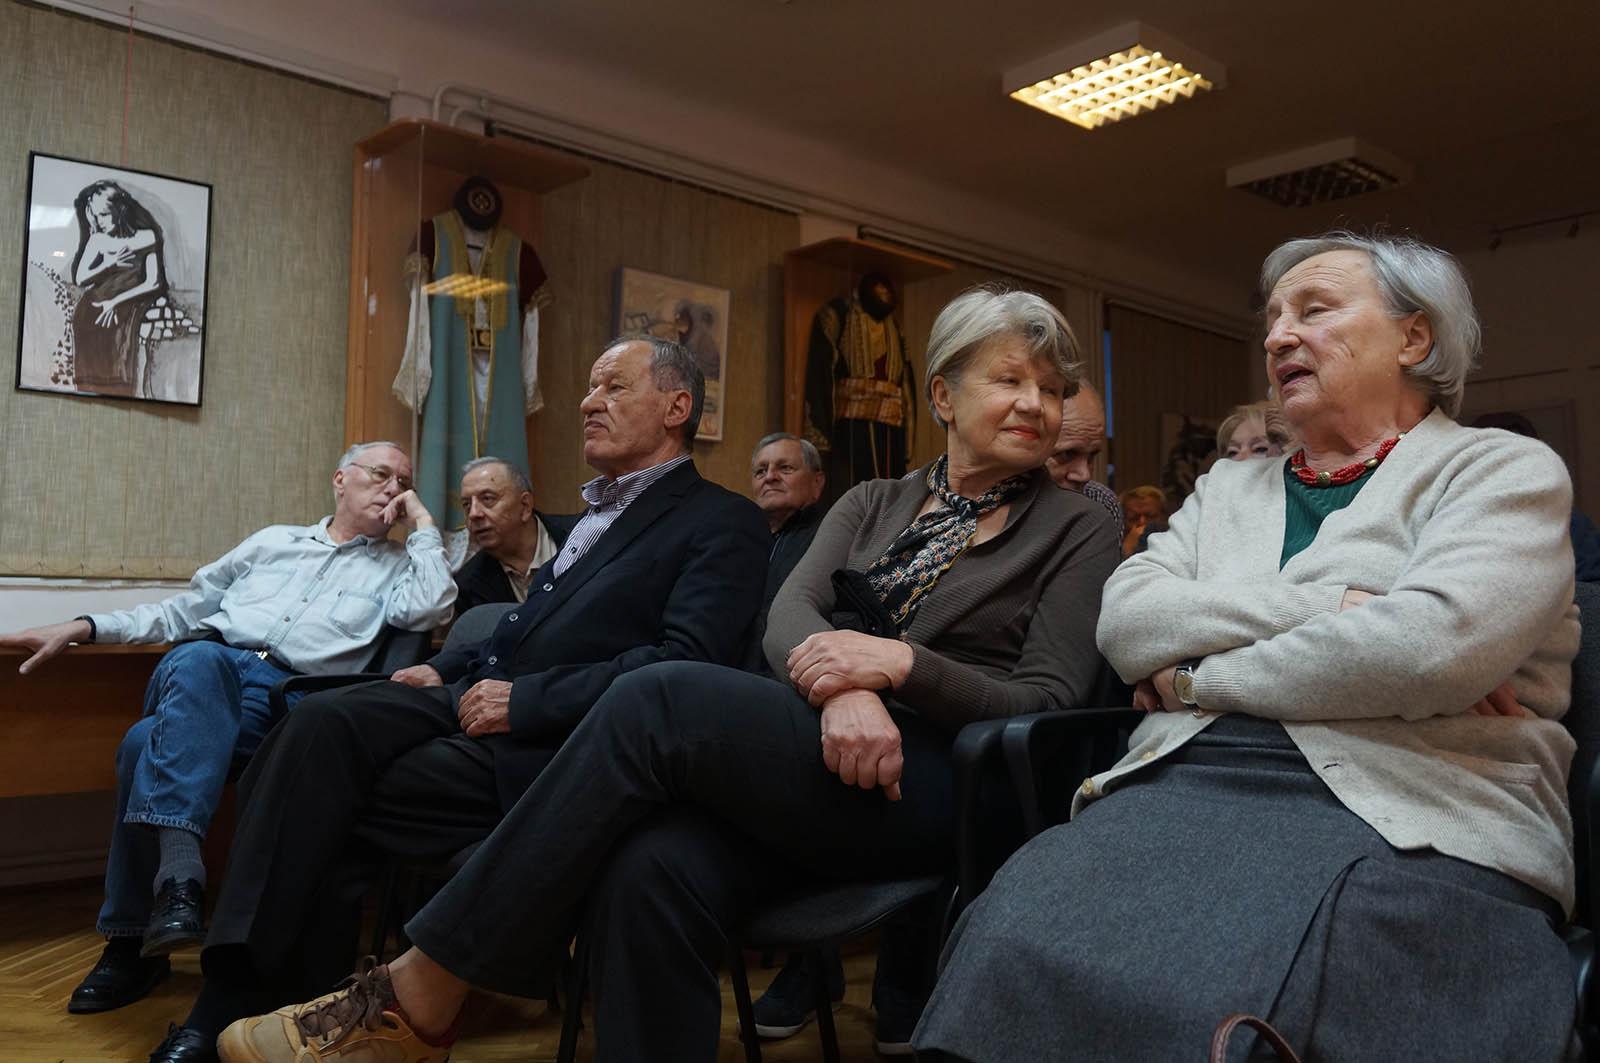 Sa Projekcije Filma U Crnogorskom Domu (7)